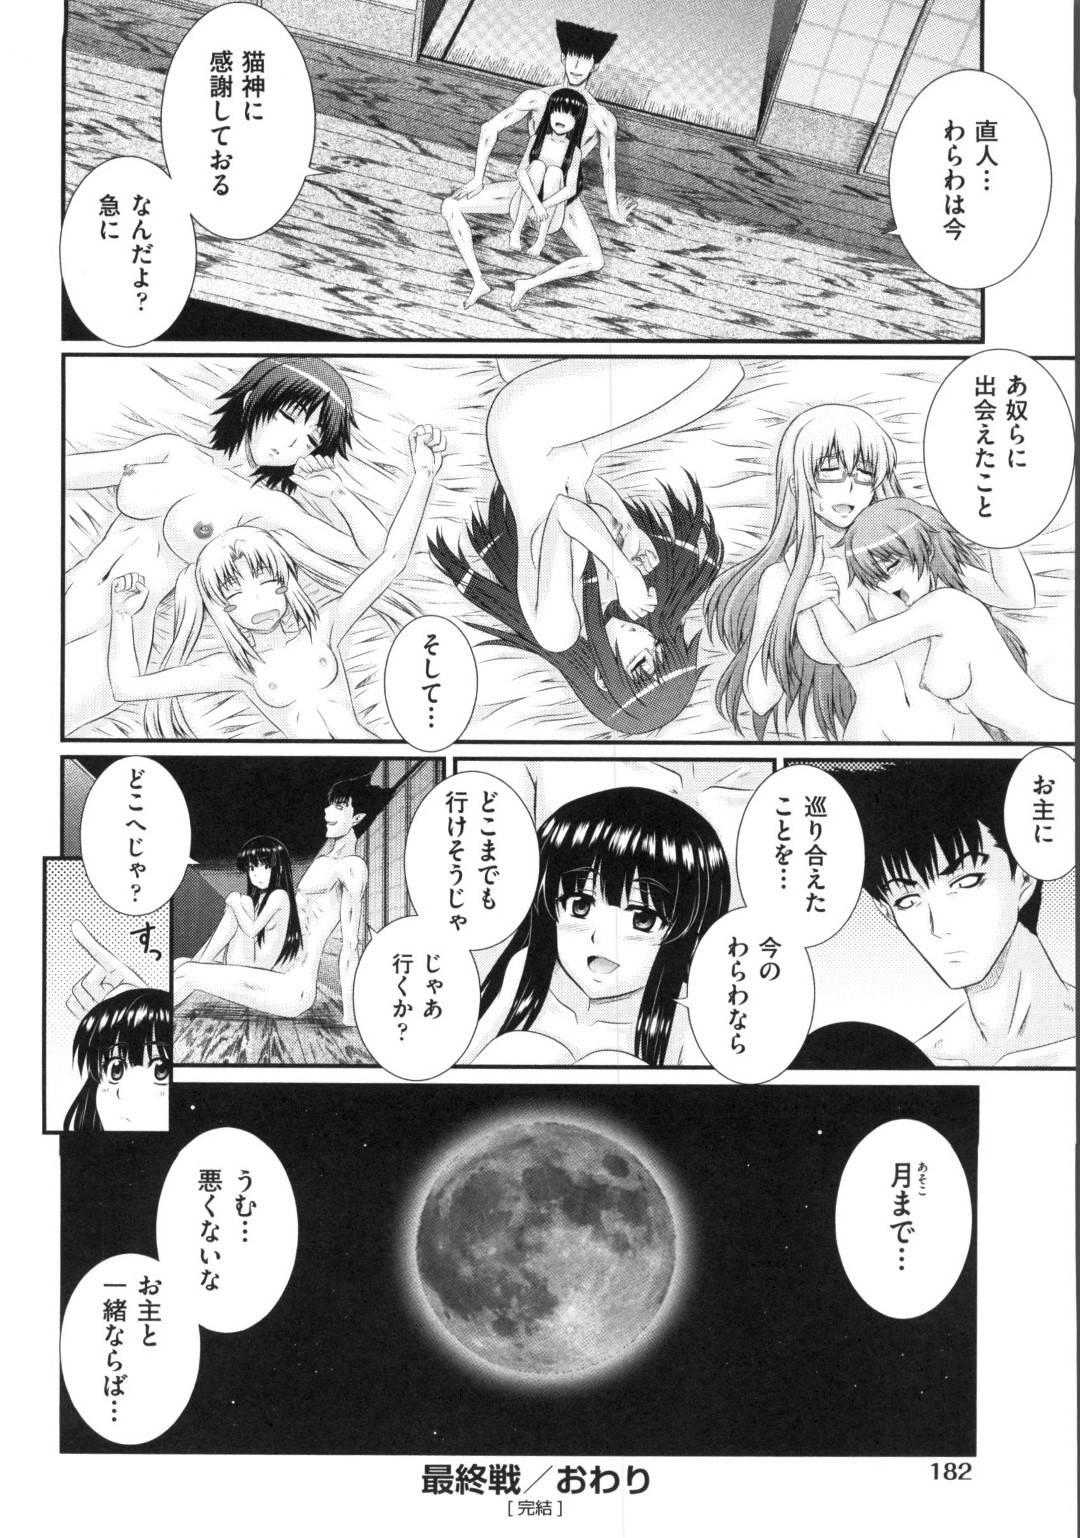 【エロ漫画】エッチな事しか考えられないようになってしまった綾羽…そんな状態でオナニーしまくる彼女だったが、男に対面座位でチンポを生挿入されてアヘ顔でヨガりまくる!【あきやまけんた:えちぐん 最終戦】